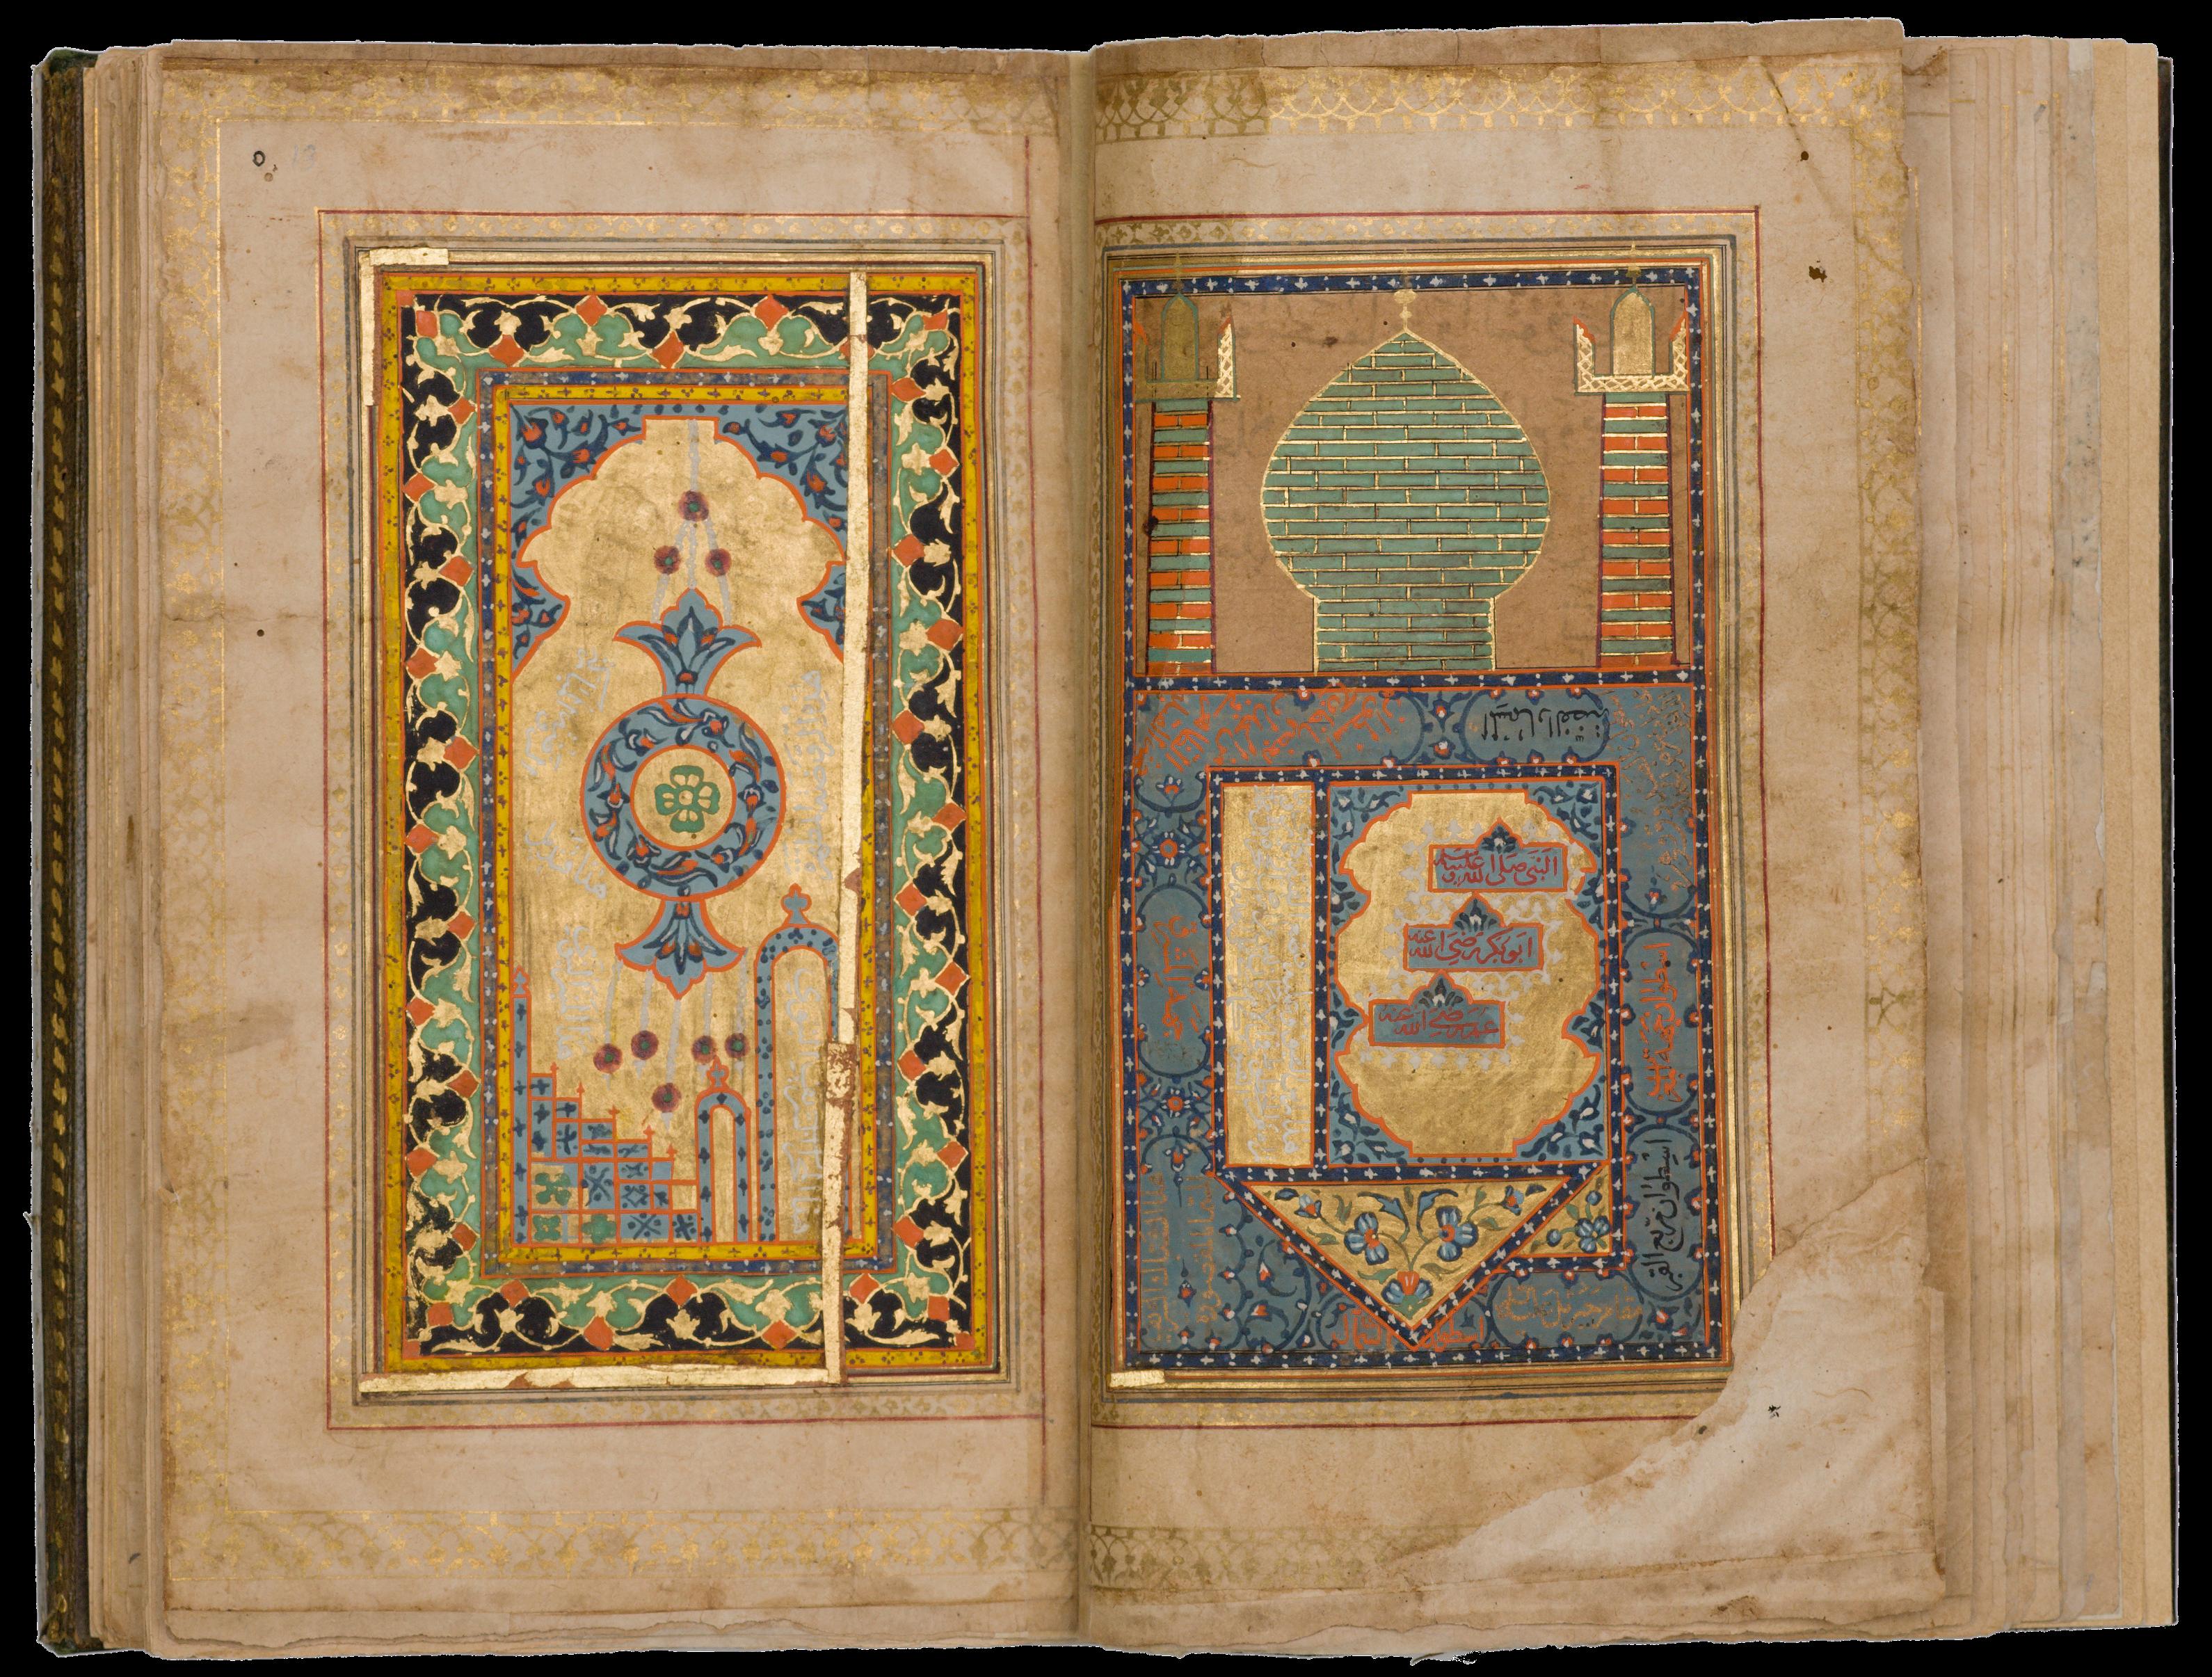 View of Medina, from a copy of al-Jazuli's Dala'il al-khayrat